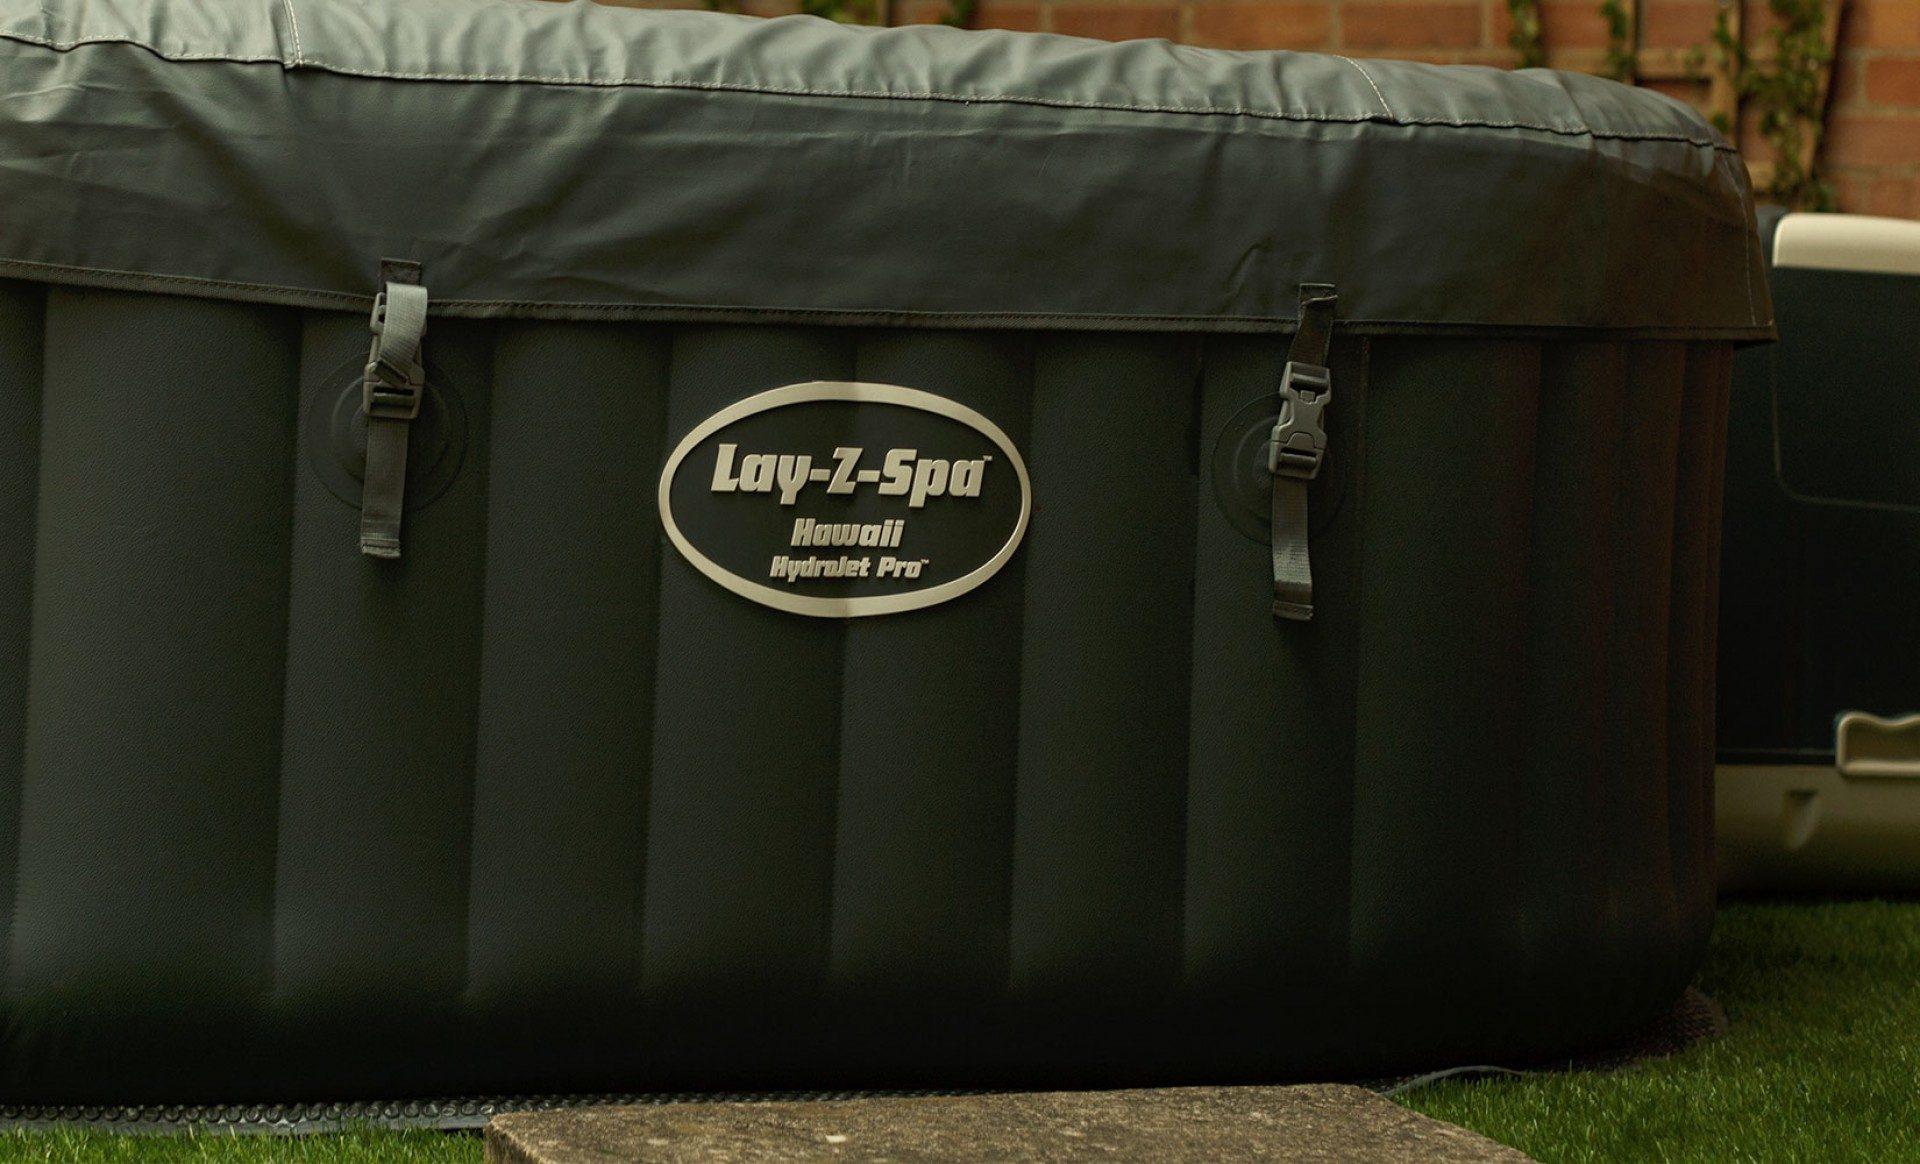 Lay-Z-Spa Hawaii HydroJet Pro Massasjebad